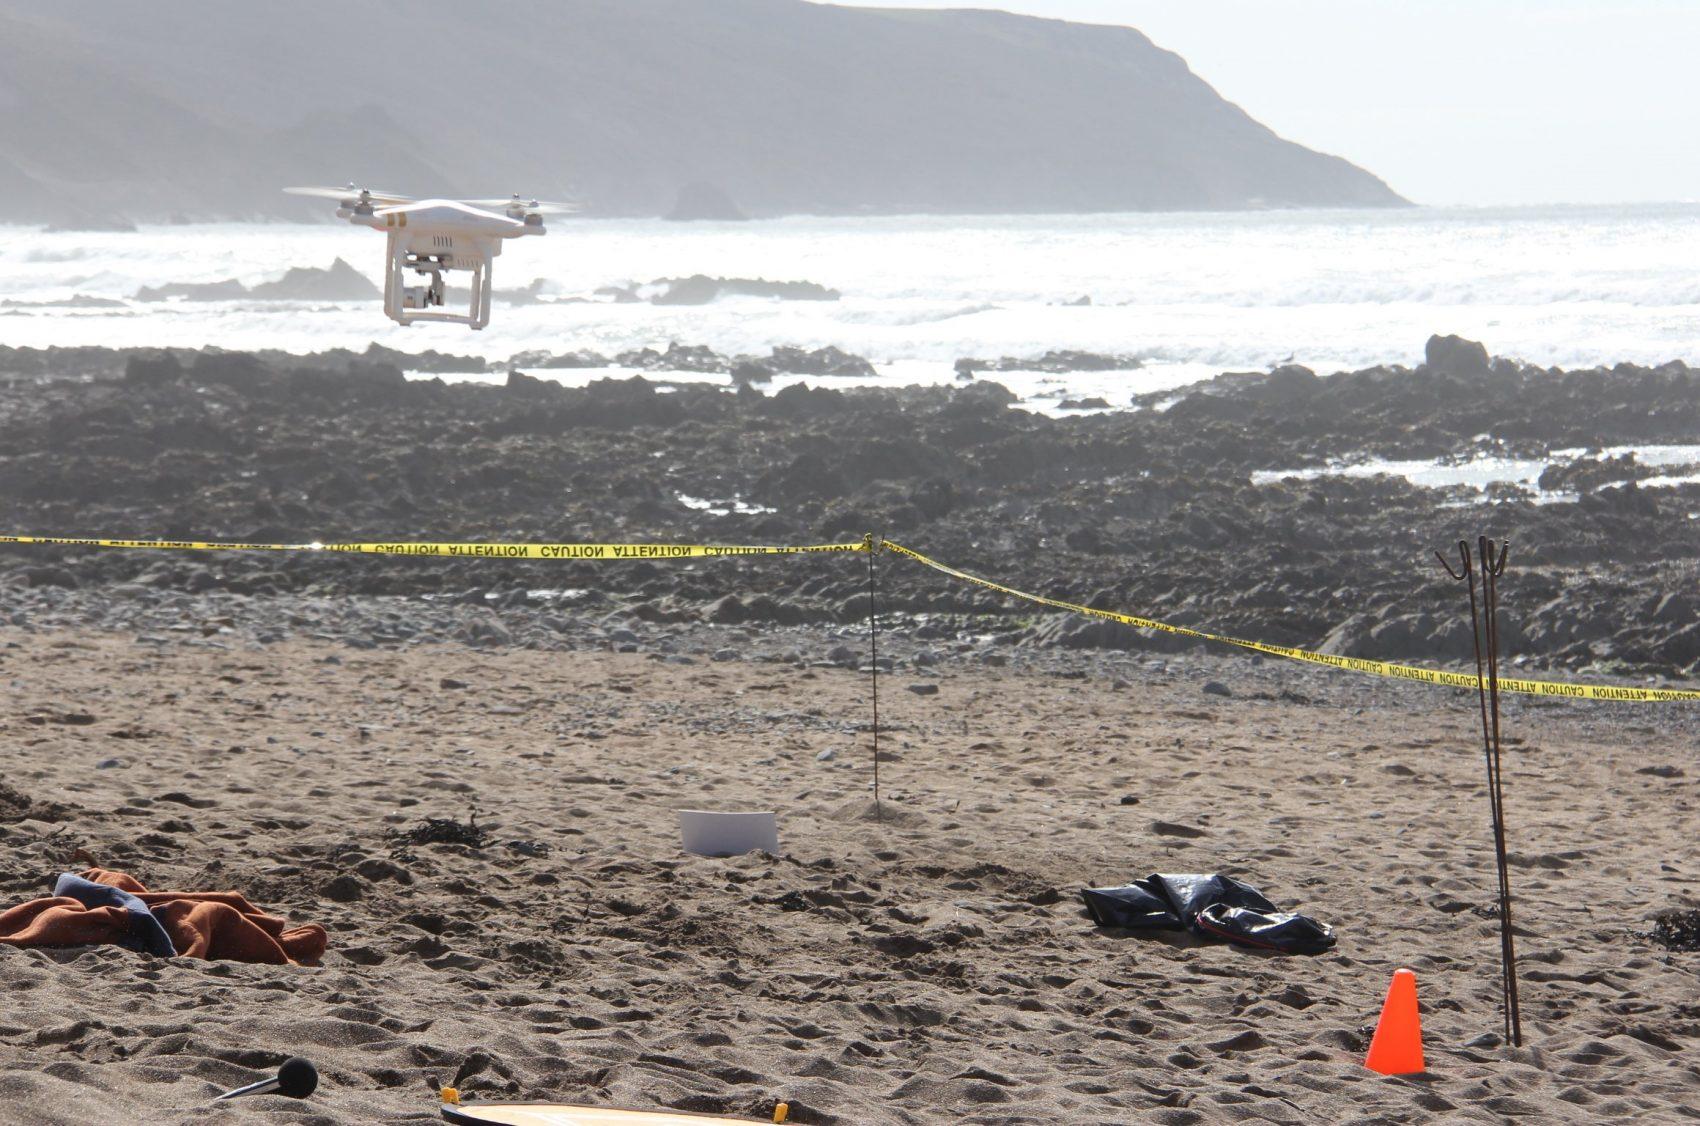 Drone usado em pesquisa para localização e retirada de lixo que envolve cientistas de 14 países: tecnologia até para identificar resíduos no fundo do mar (Foto: Divulgação)